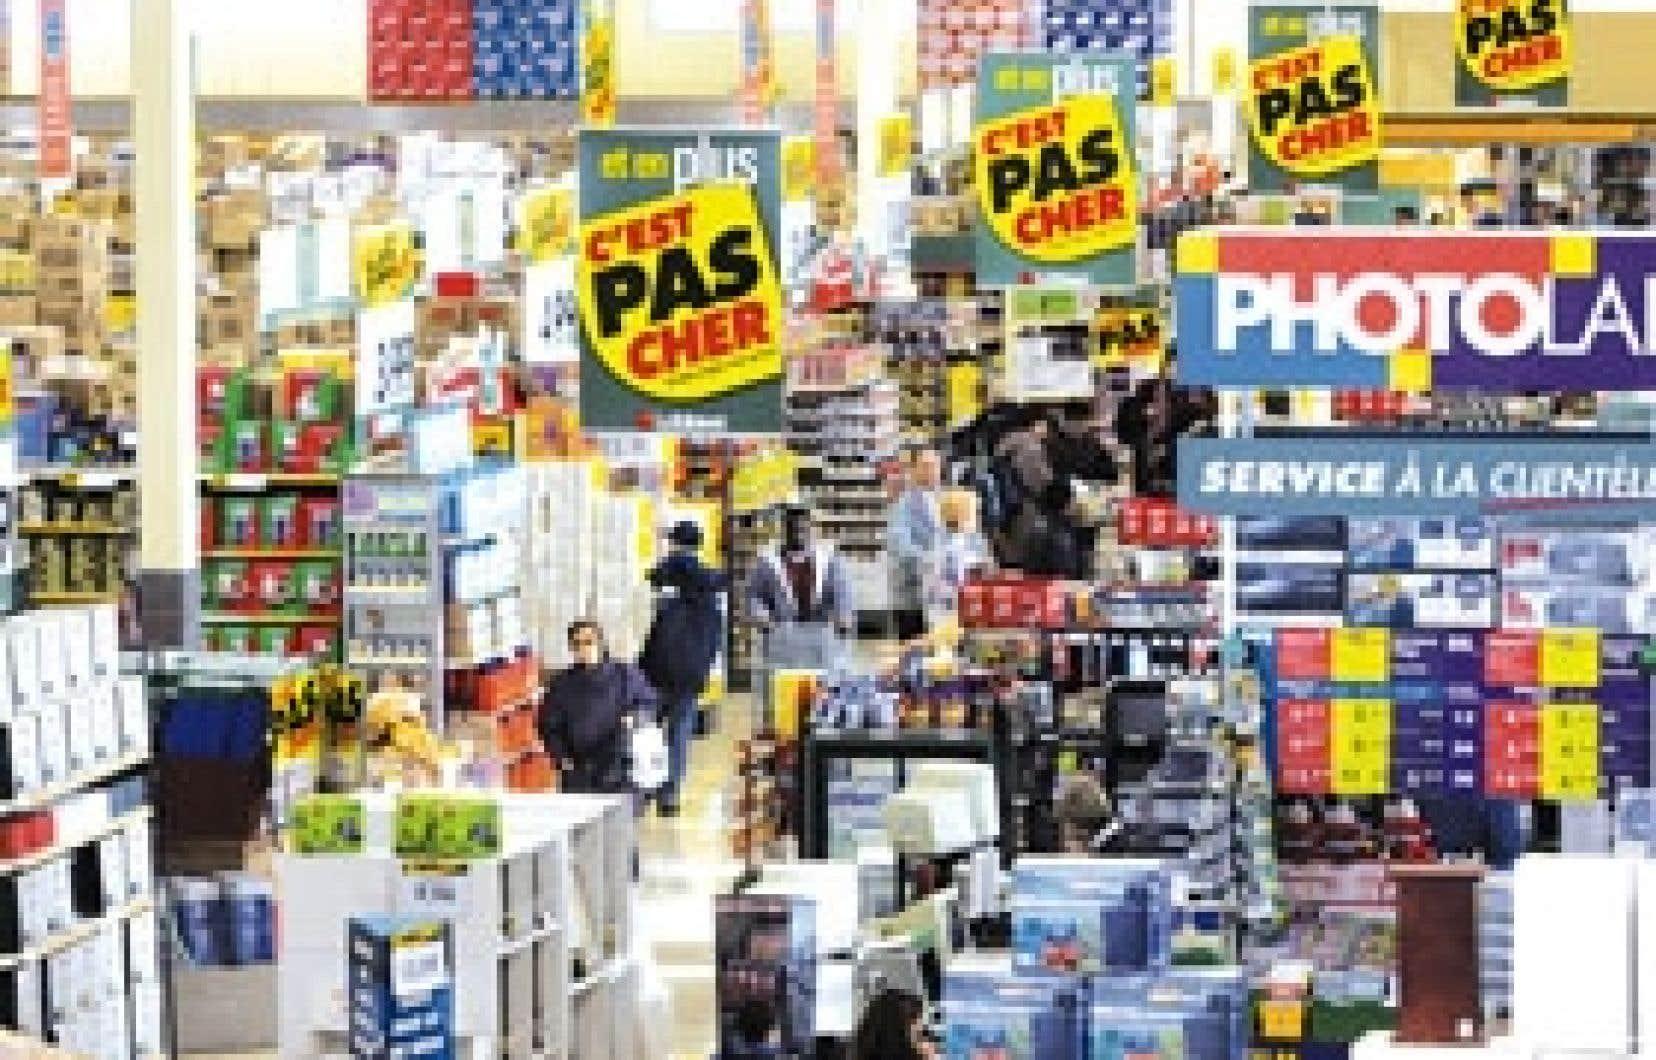 La chaîne de supermarchés Loblaw, qui éprouve des difficultés financières, espère que la réduction de ses prix, l'amélioration de son service à la clientèle et la plus grande disponibilité de ses produits lui permettront de hausser ses profi